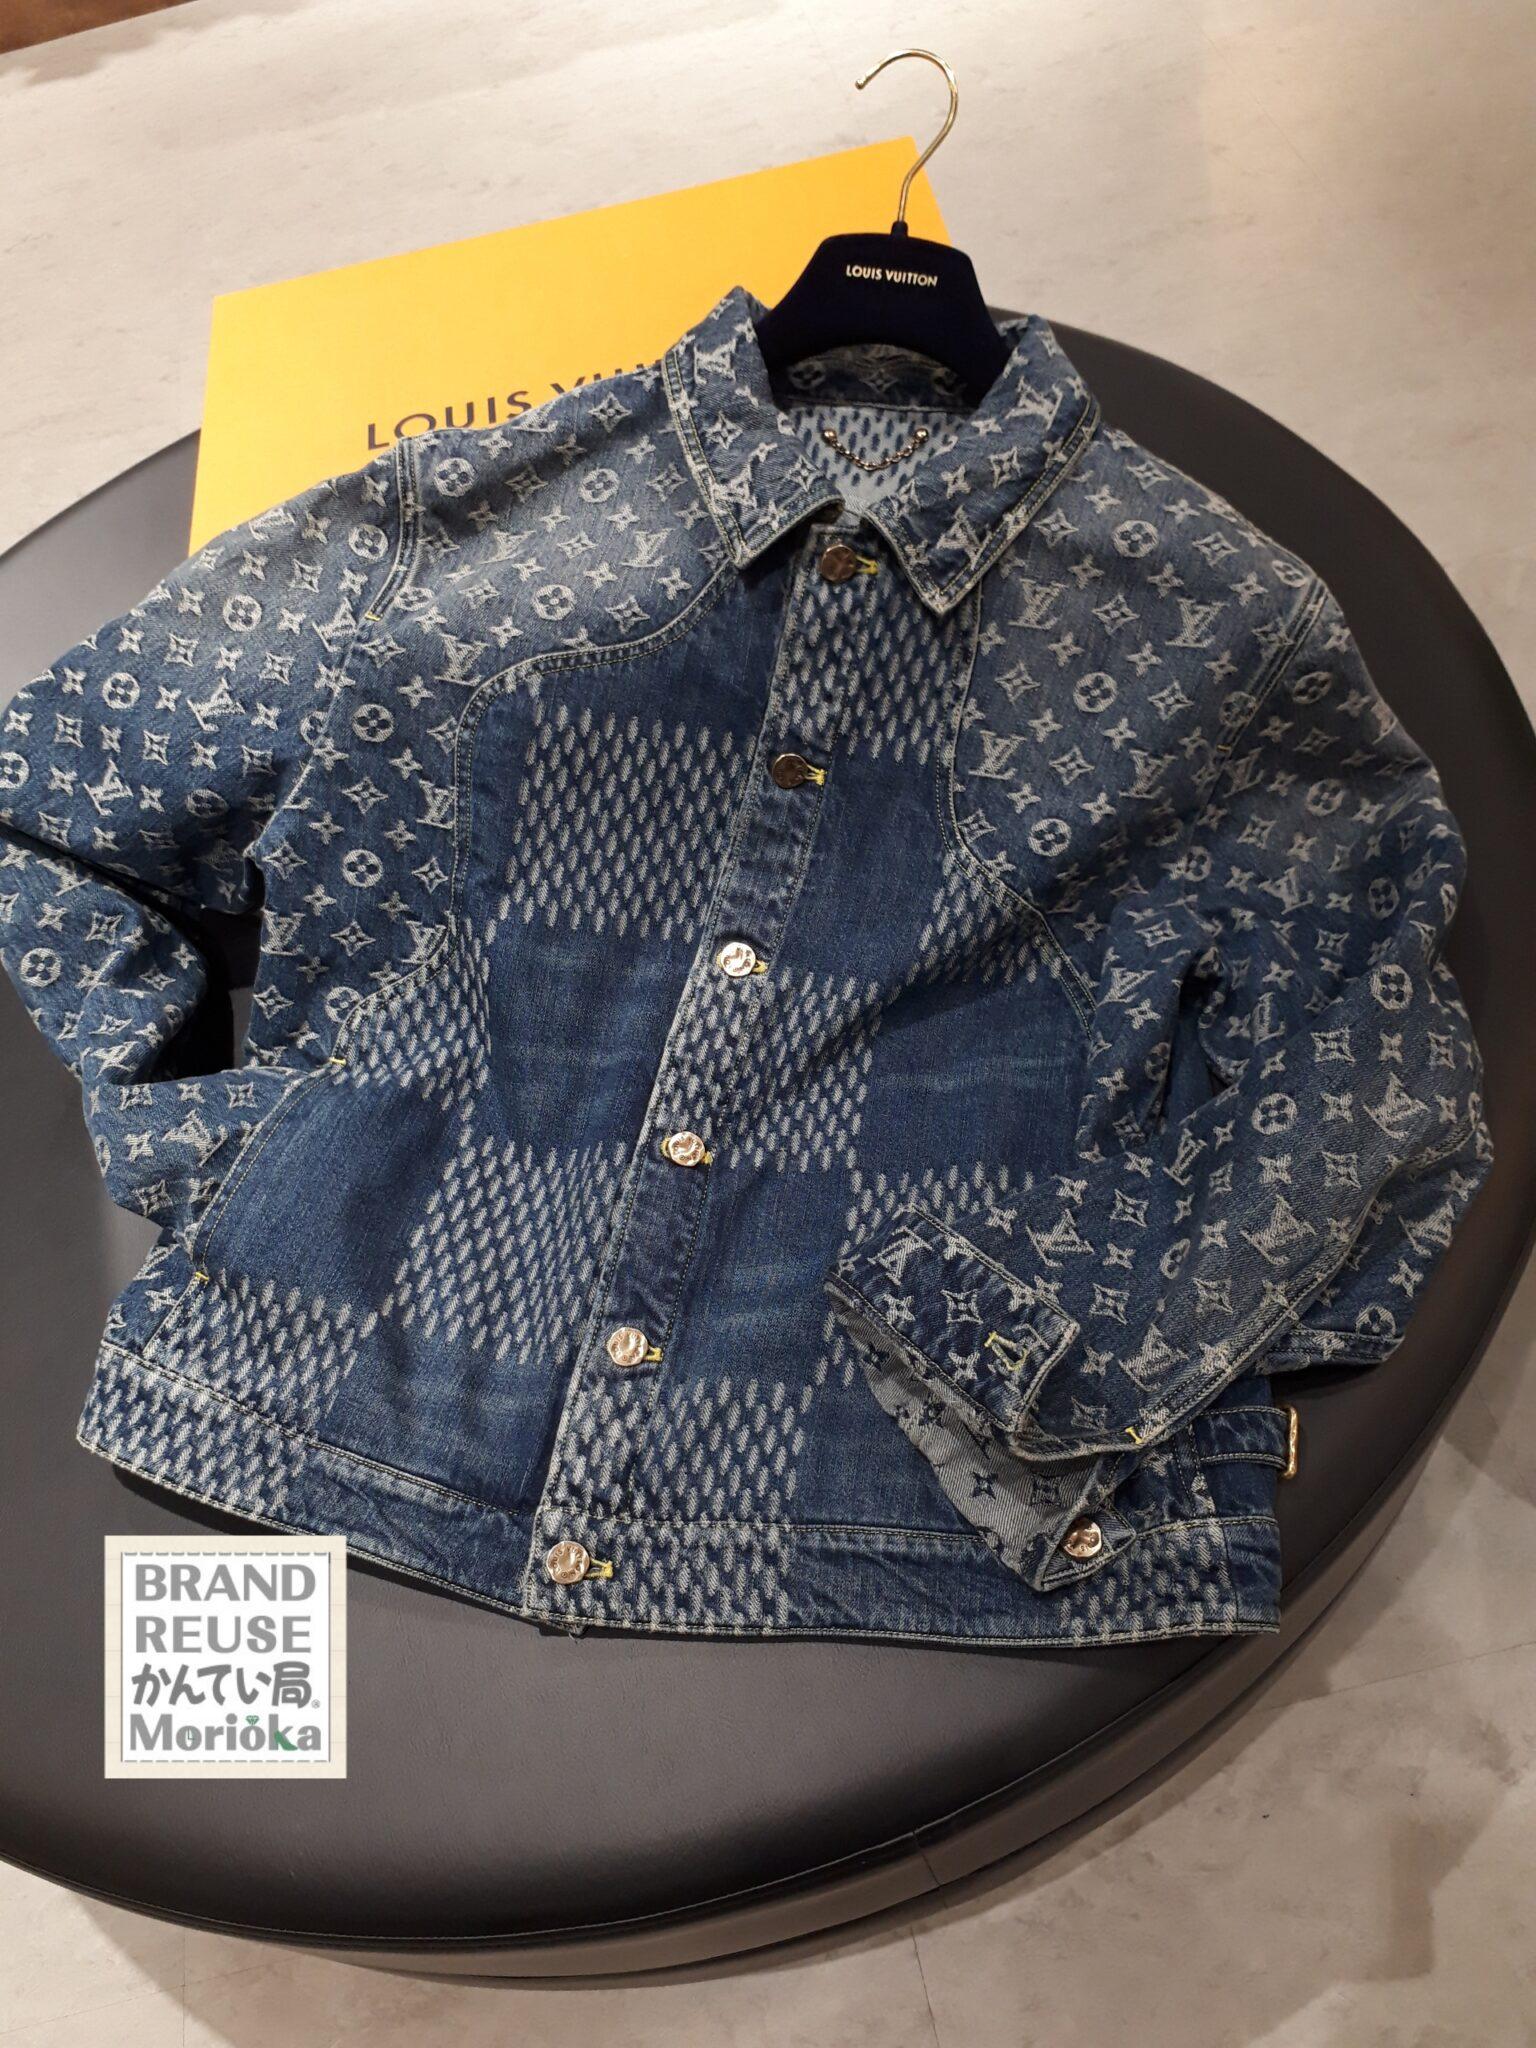 【LOUIS VUITTON ジャイアントダミエウェーブス デニムジャケット サイズ52】を盛岡市のお客様よりお買取させていただきました!